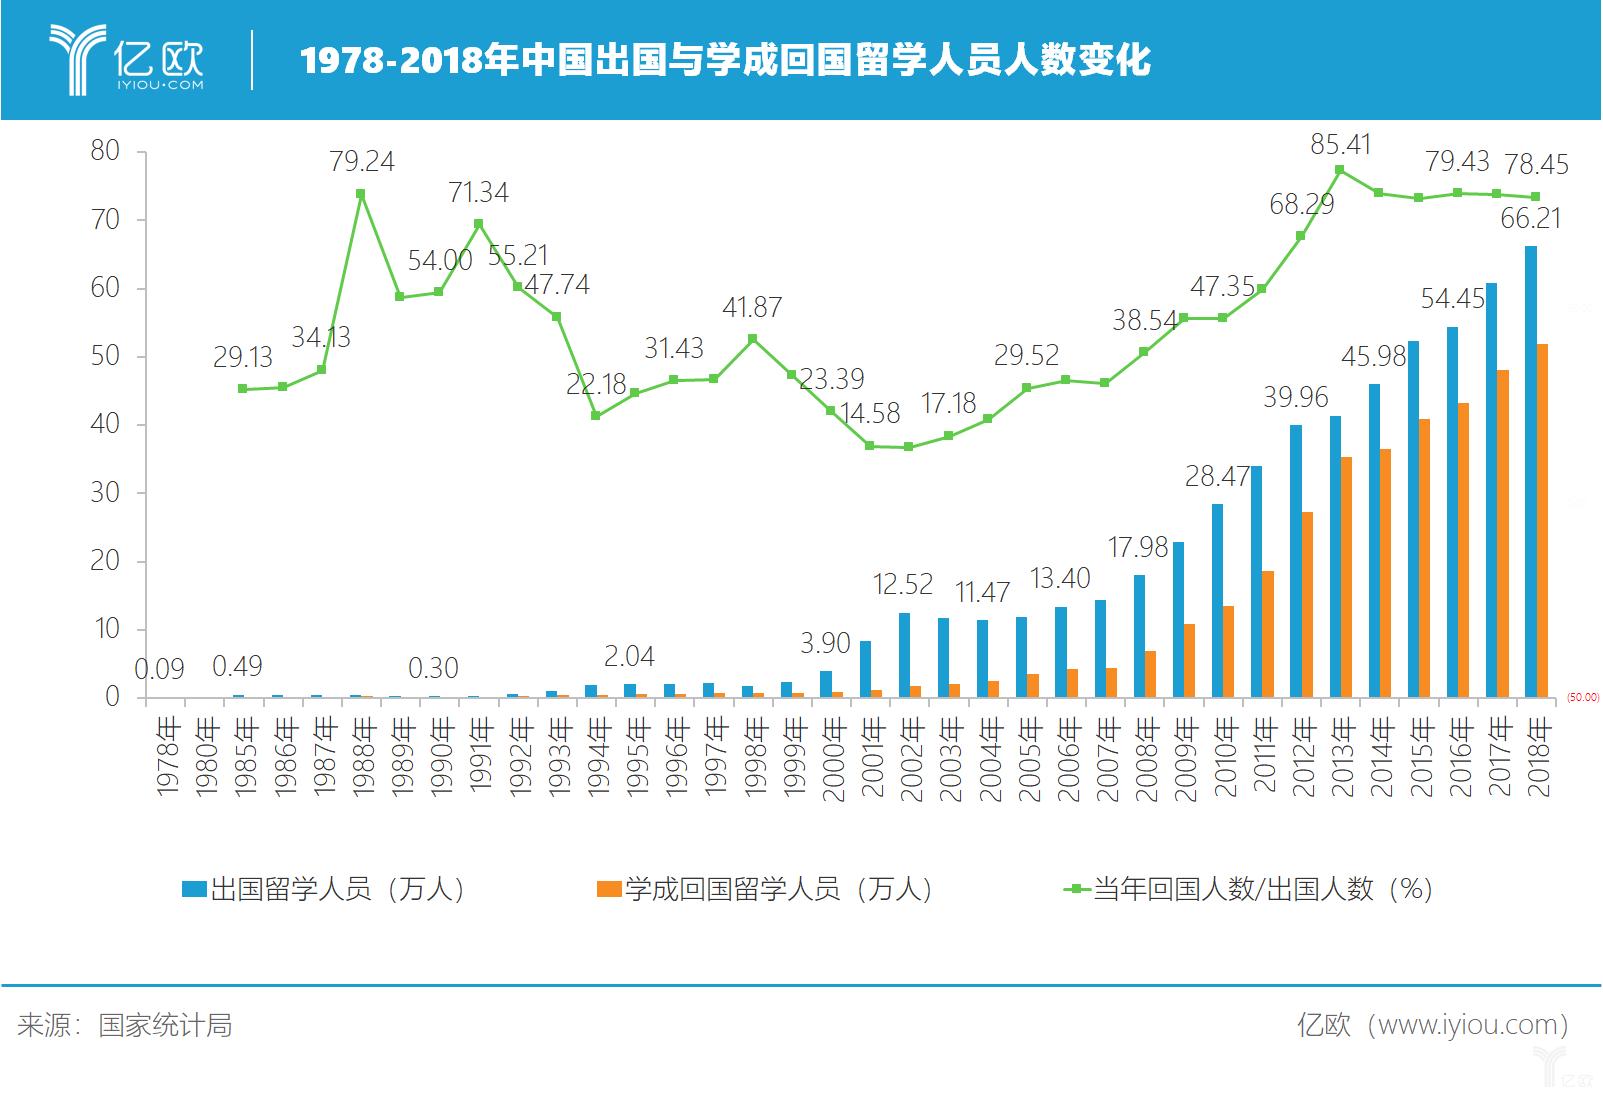 1978-2018出国和学成回国留学人员人数变动